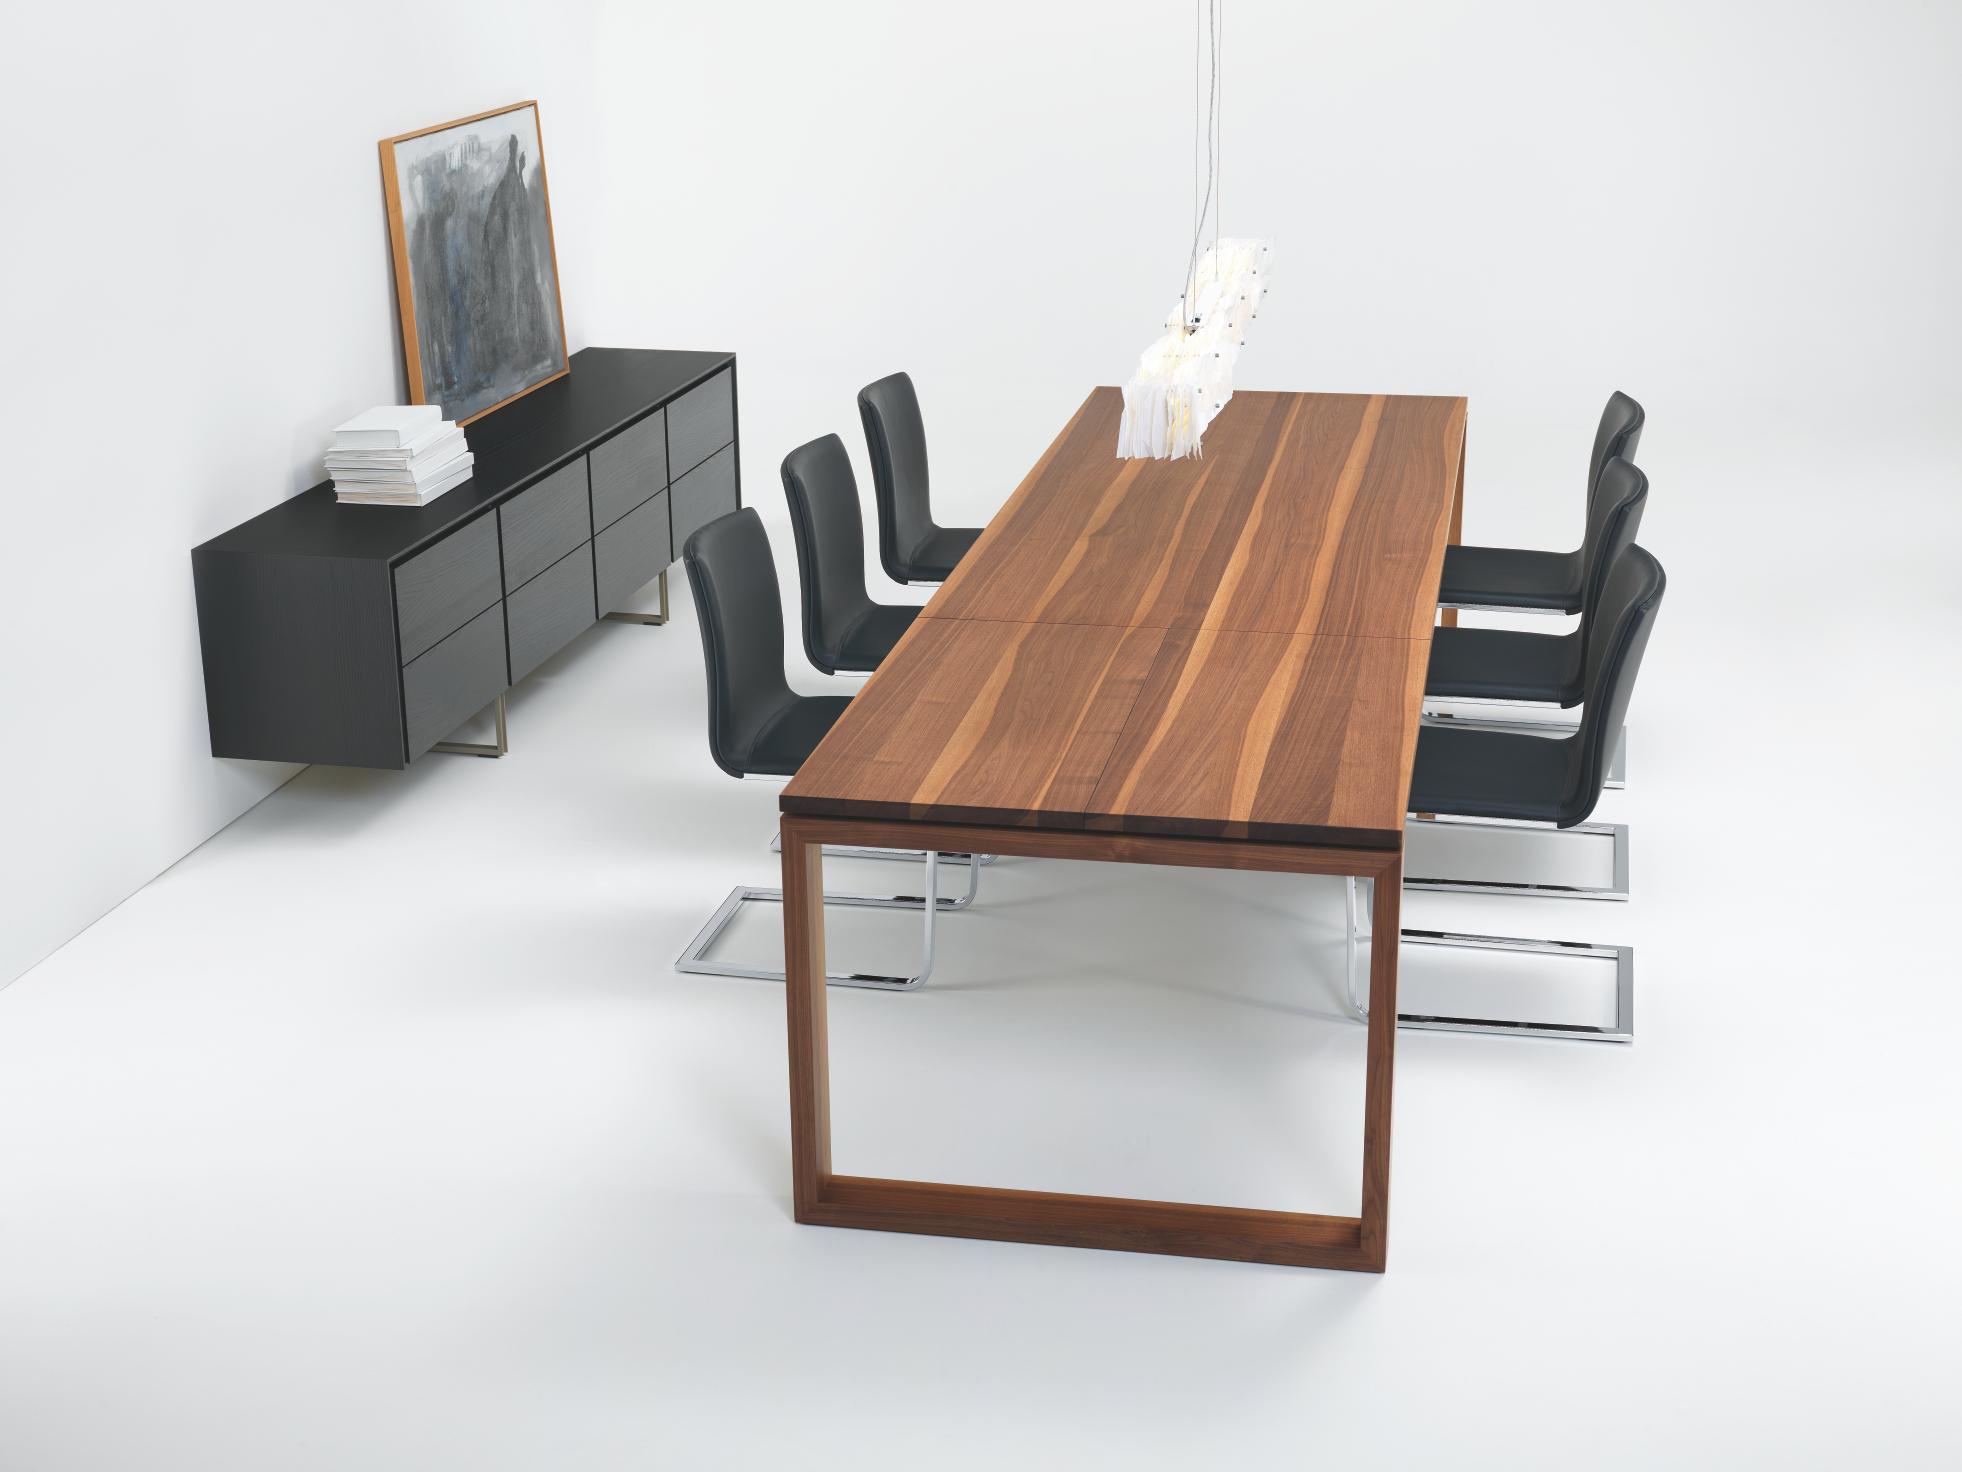 Andra ausziehbarer massivholztisch besprechungstische for Design massivholztisch